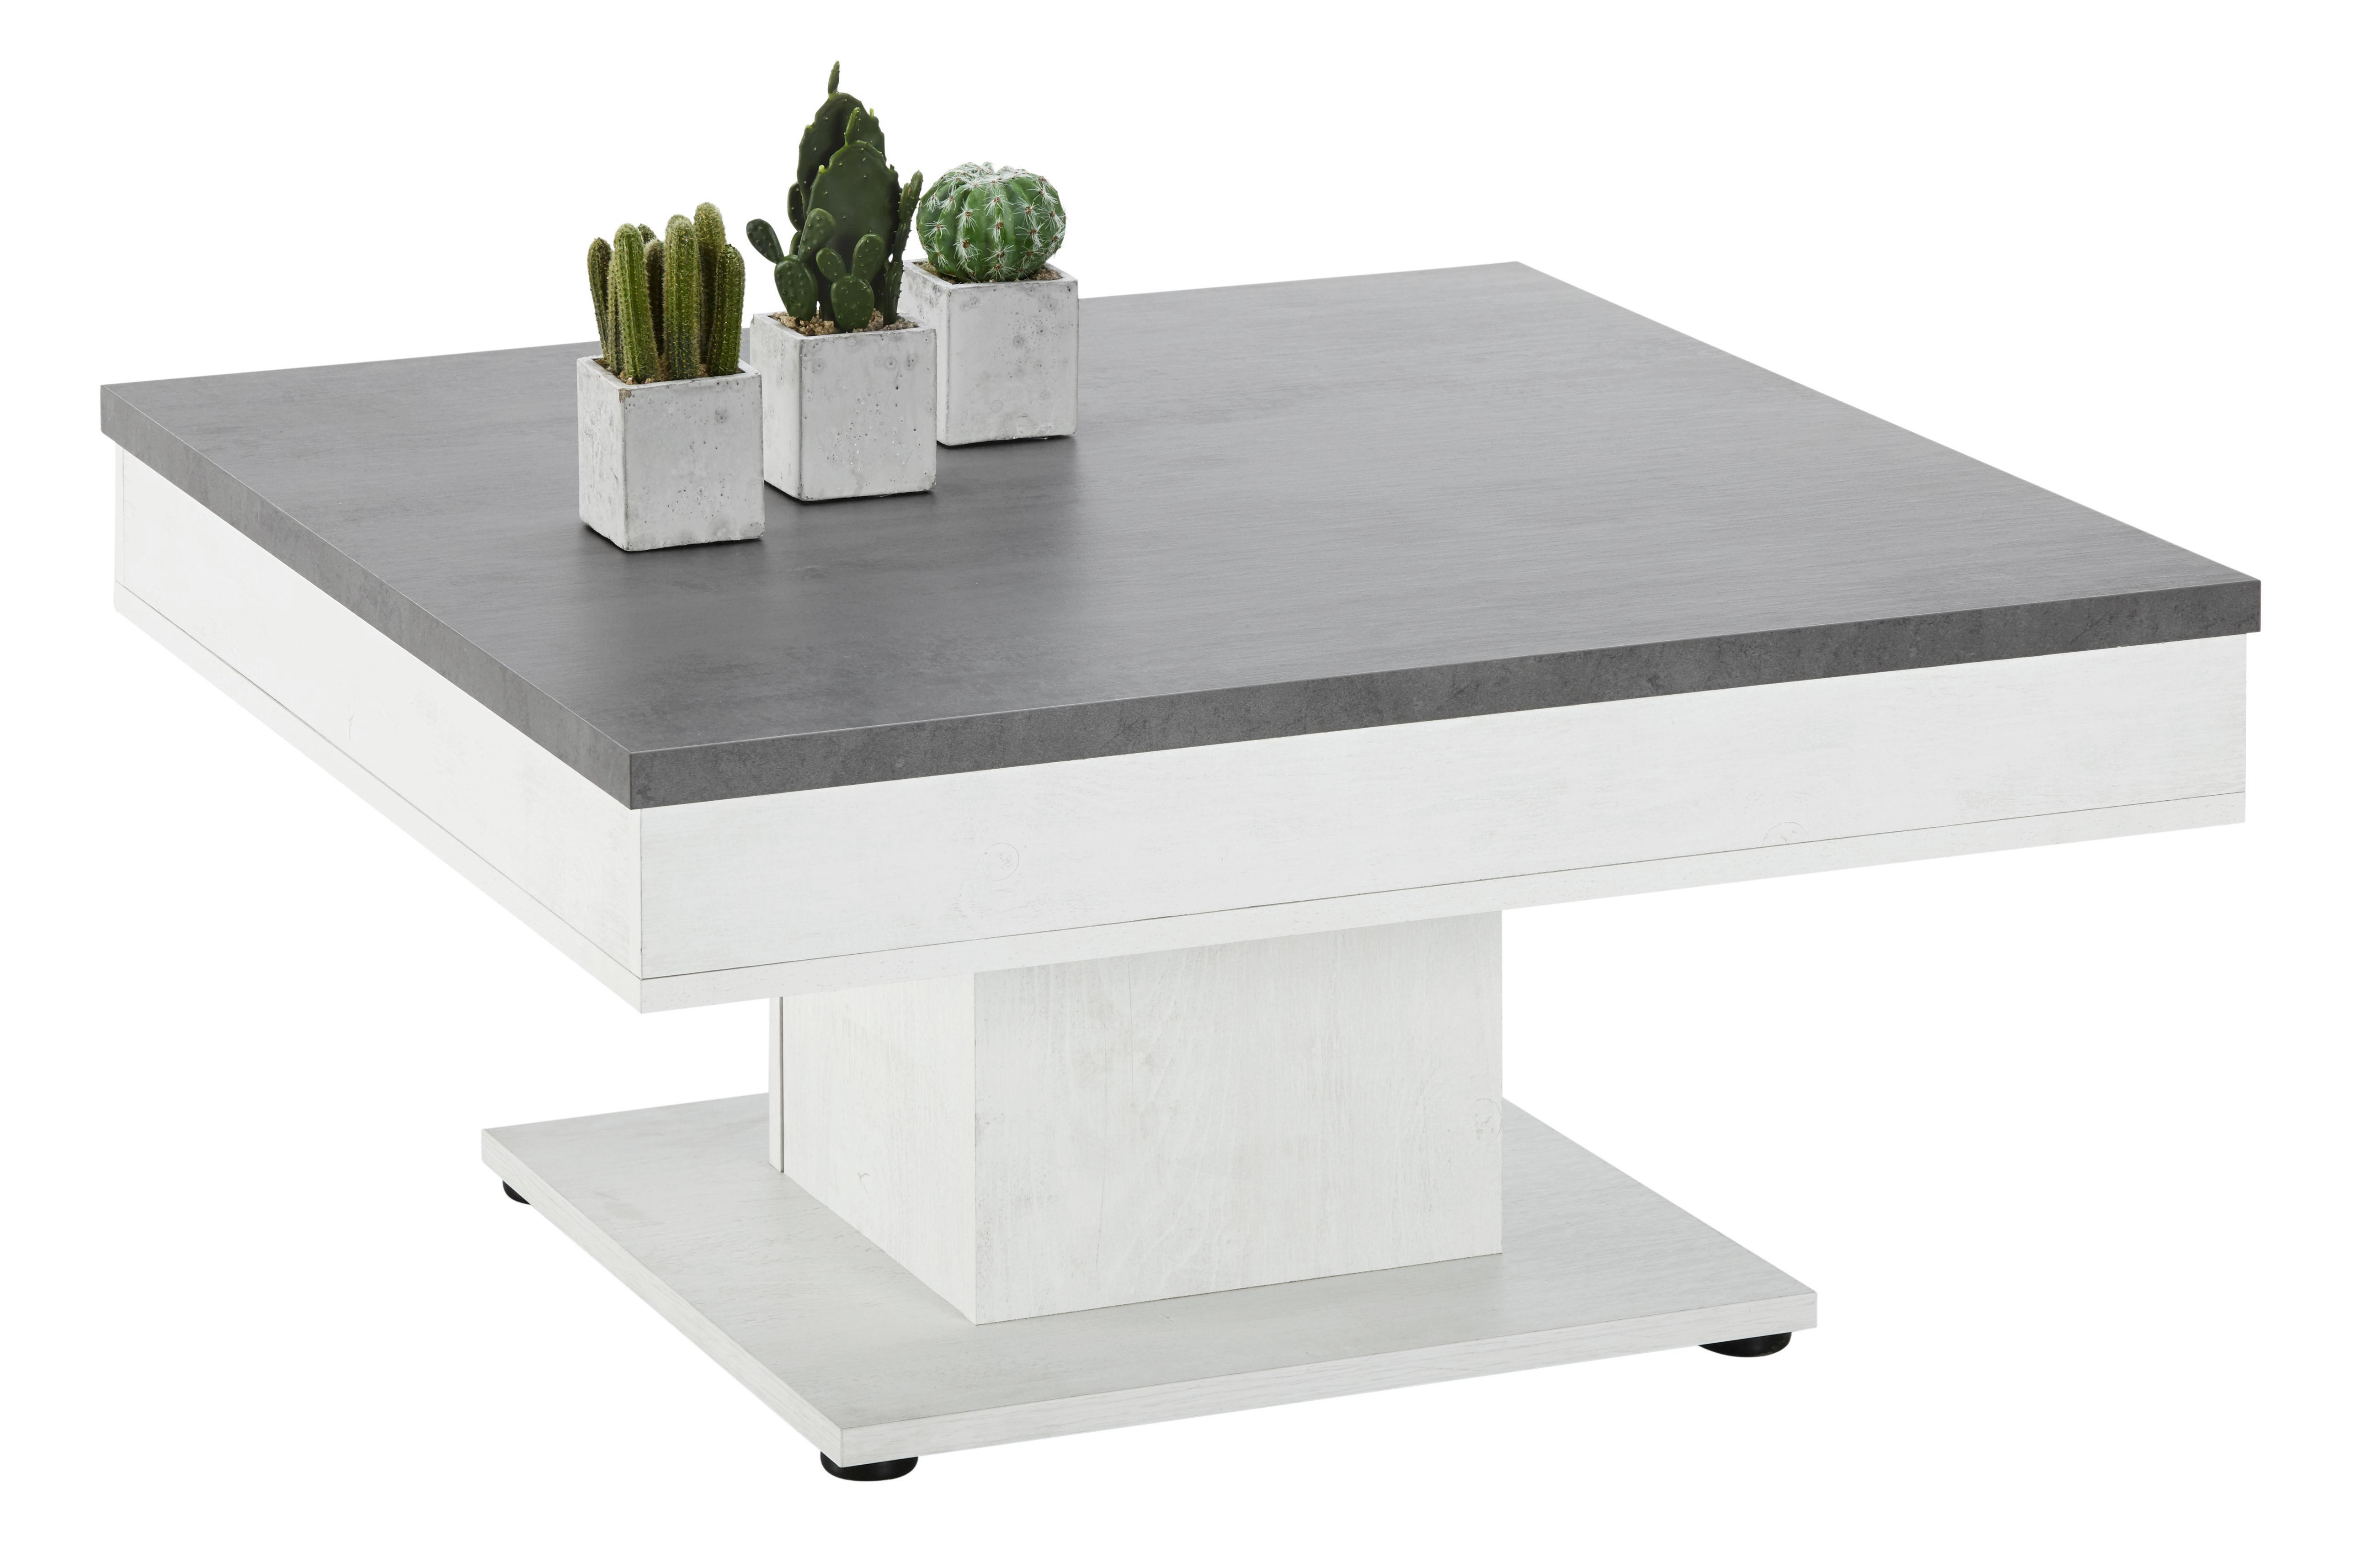 Couchtisch in Weiß/Grau - Eichefarben, MODERN, Holzwerkstoff (80/40/80cm) - MÖMAX modern living